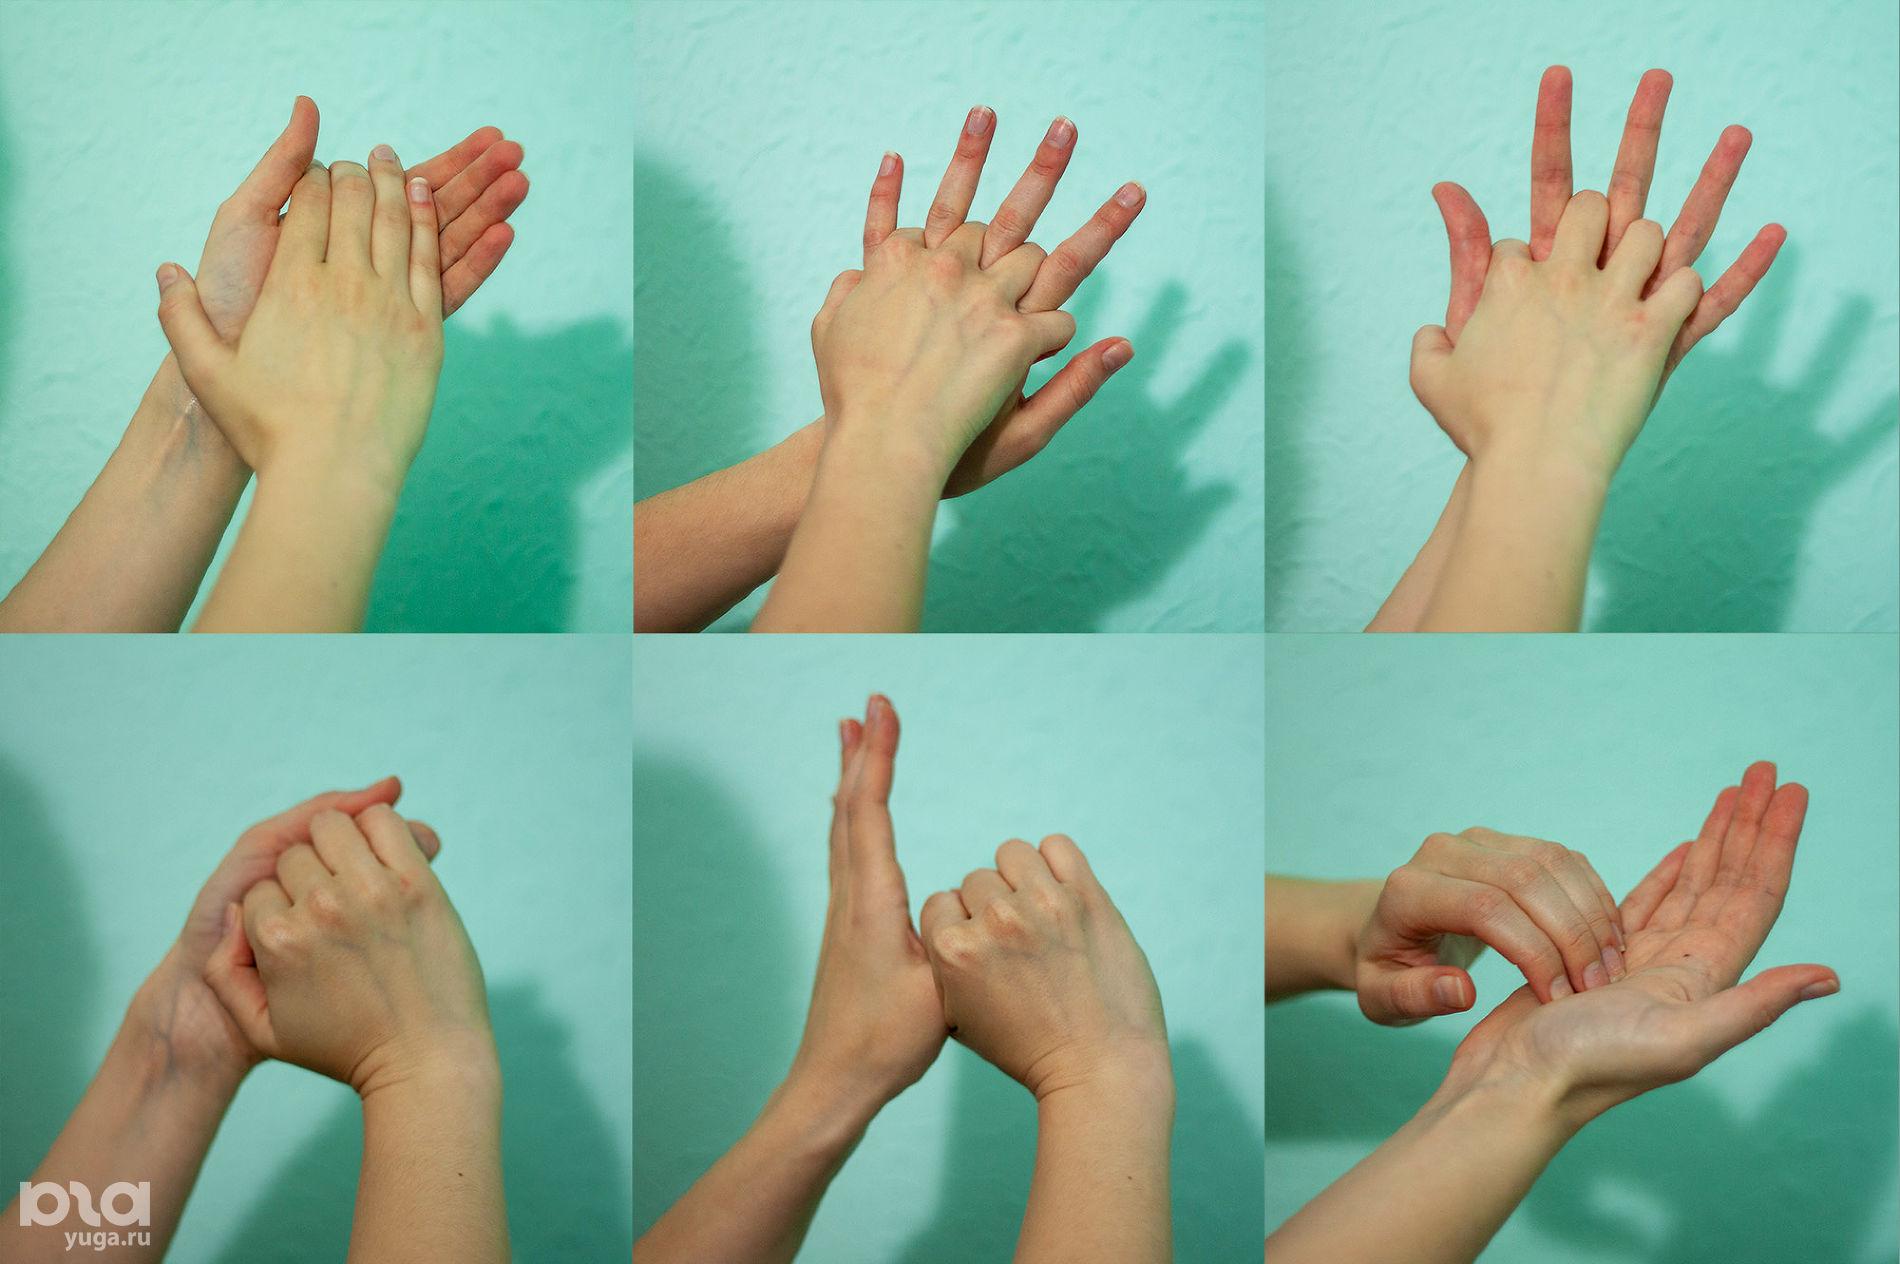 Методика EN 1500 обработки рук кожным антисептиком ©Фото Никиты Быкова, Юга.ру